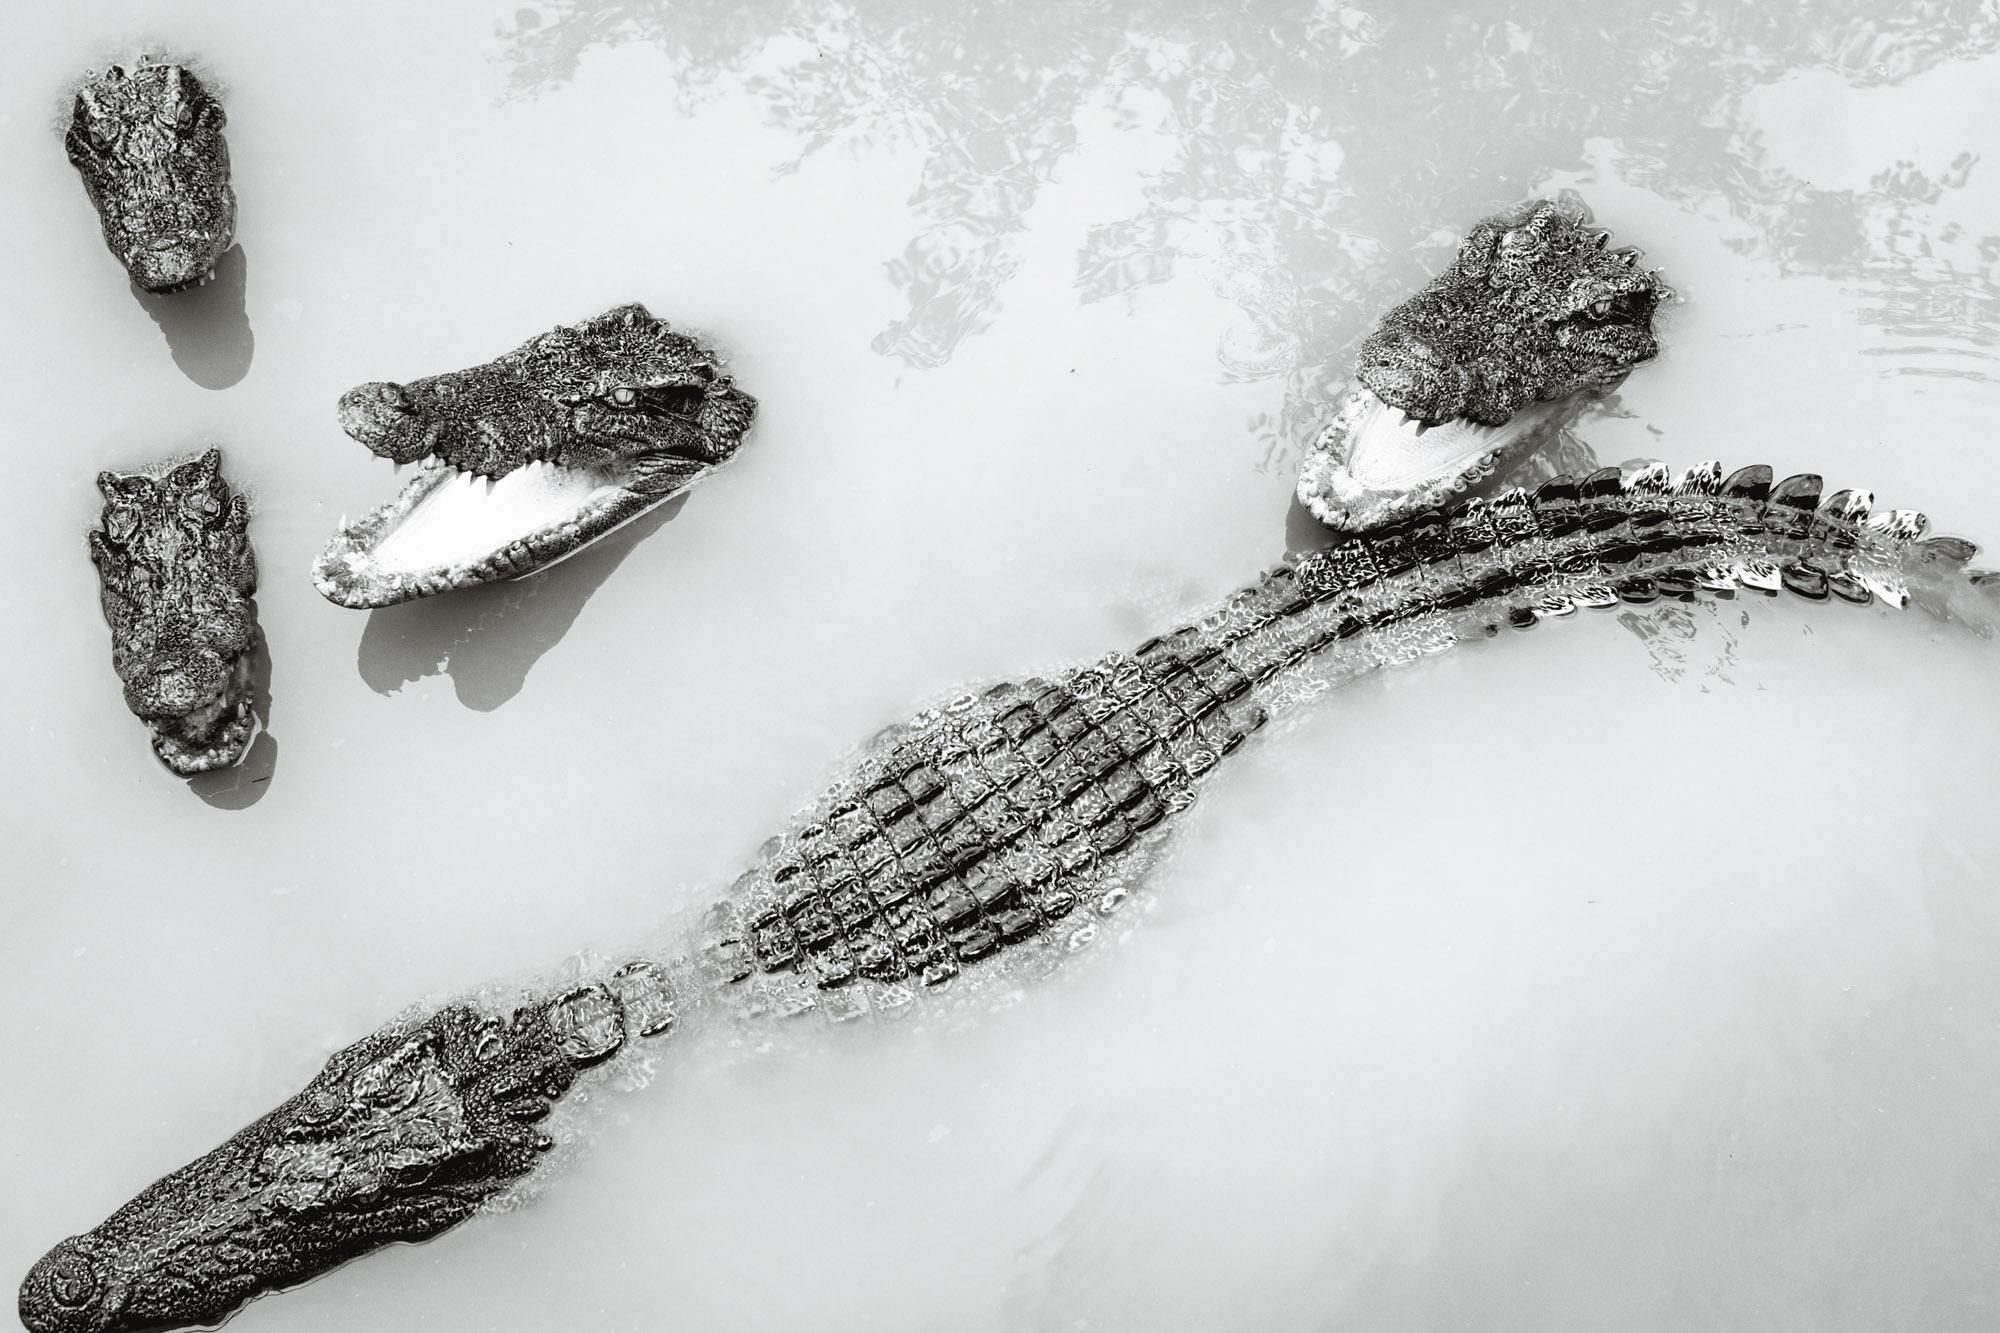 Alligators swimming in Vietnam